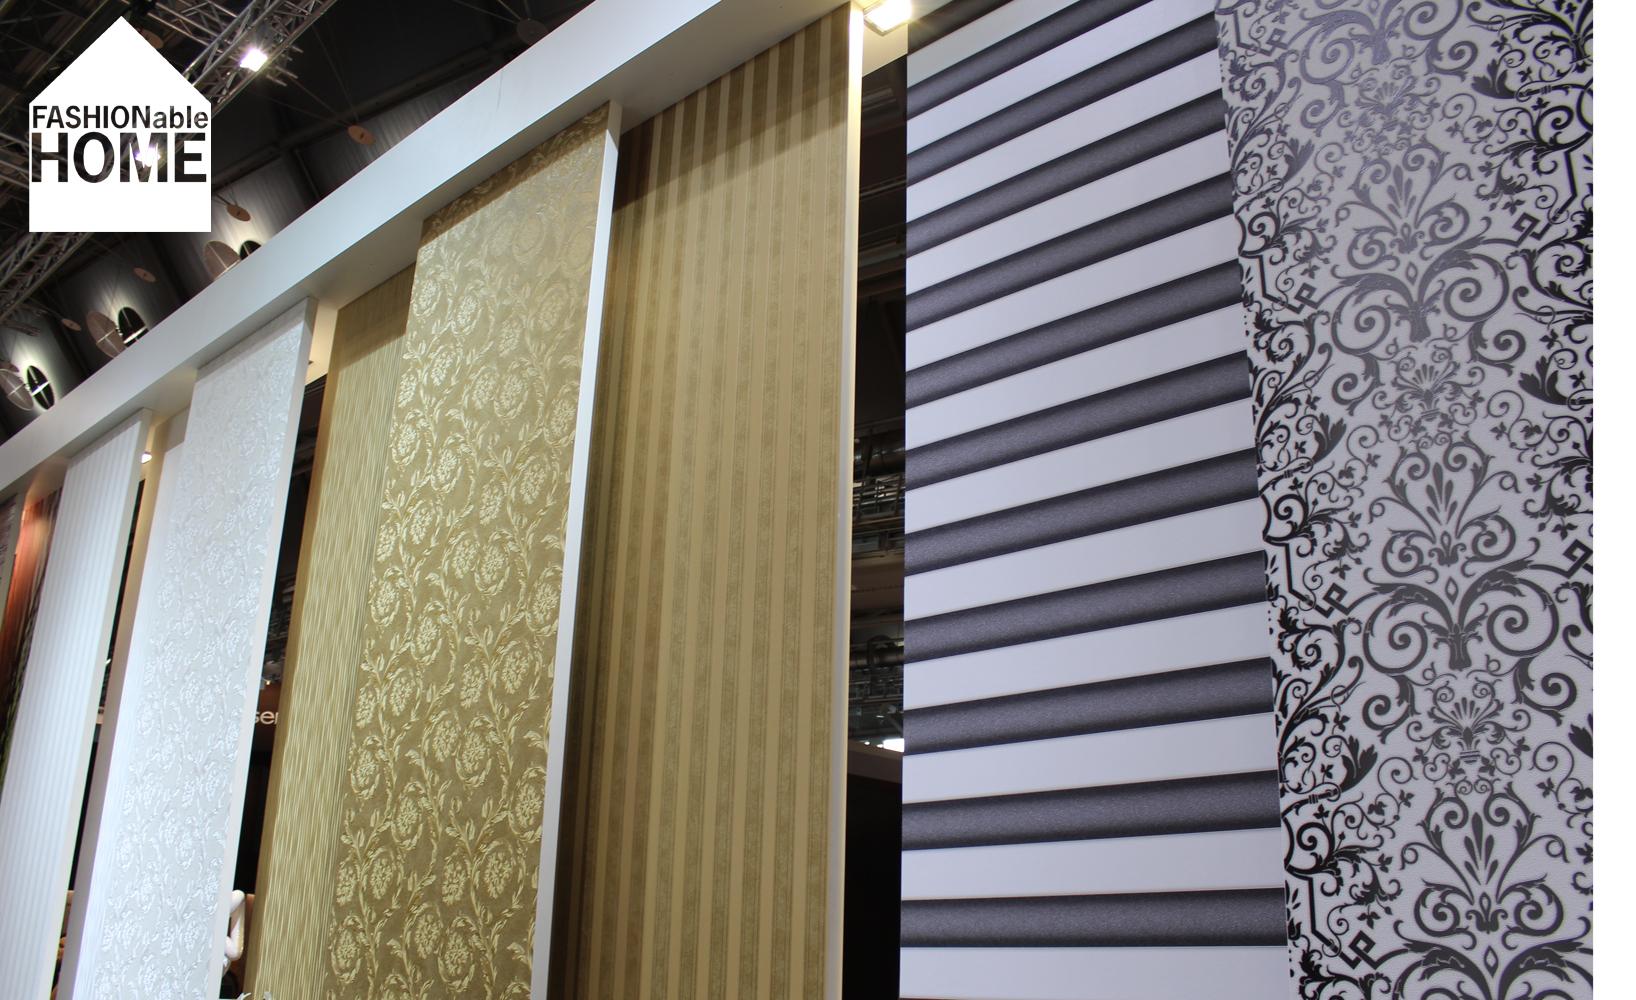 Versace wallpaper for home wallpapersafari for Wallpaper home wallpaper